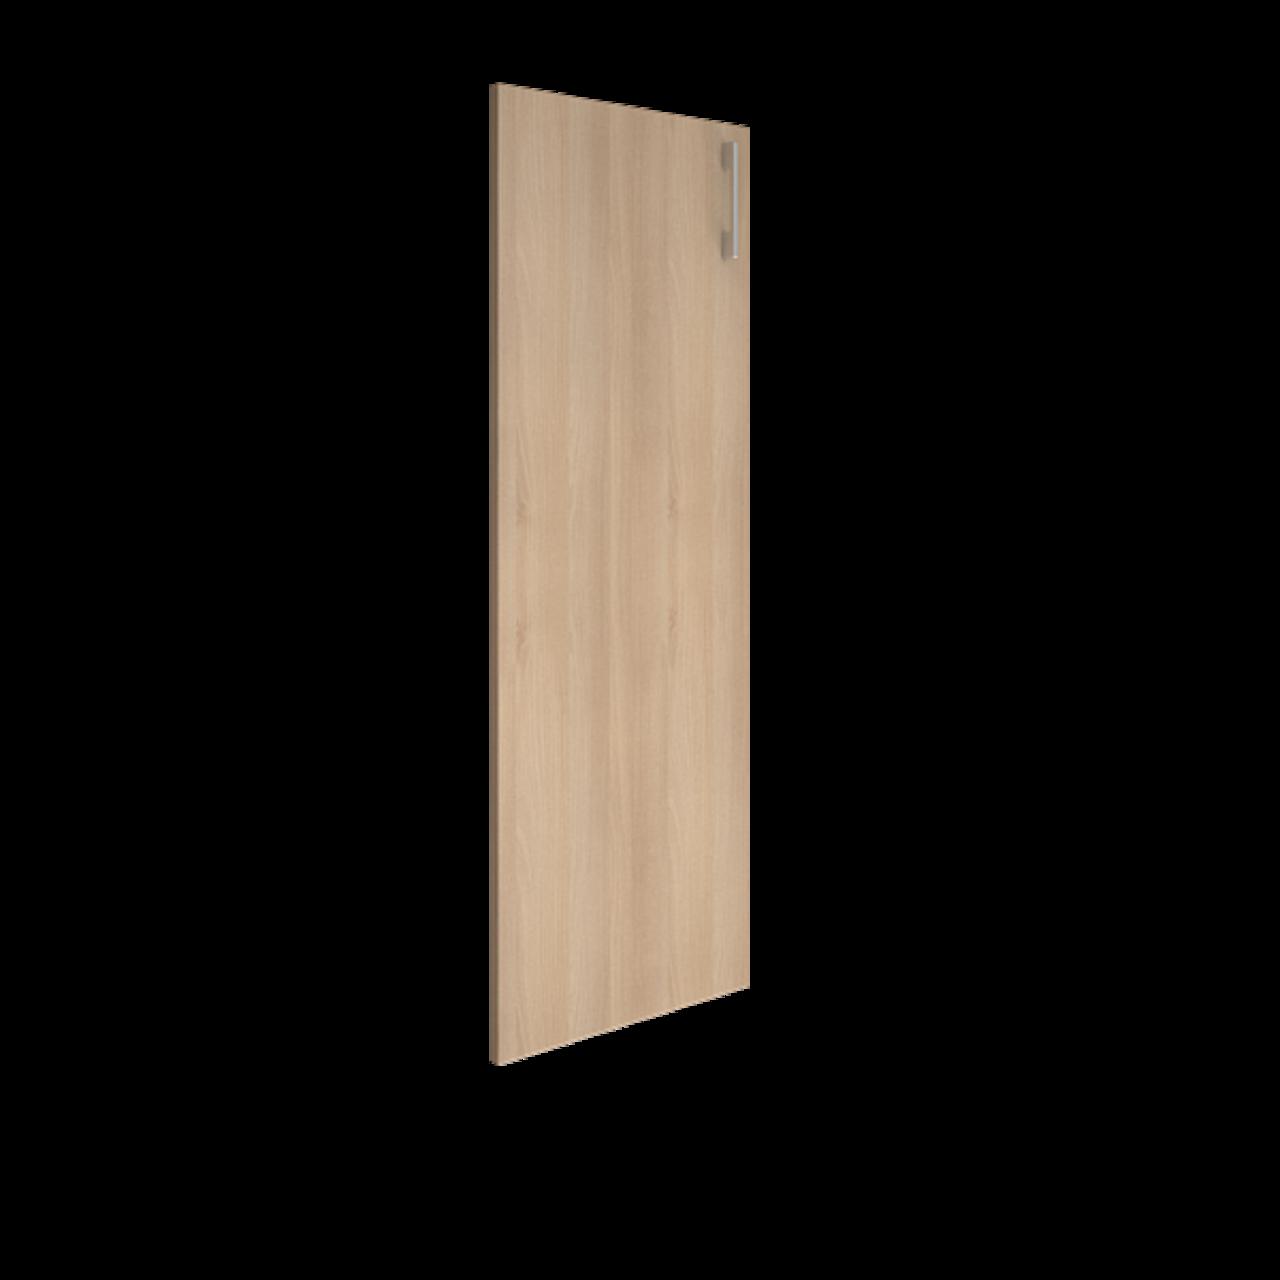 Дверь дсп средняя левая - фото 1